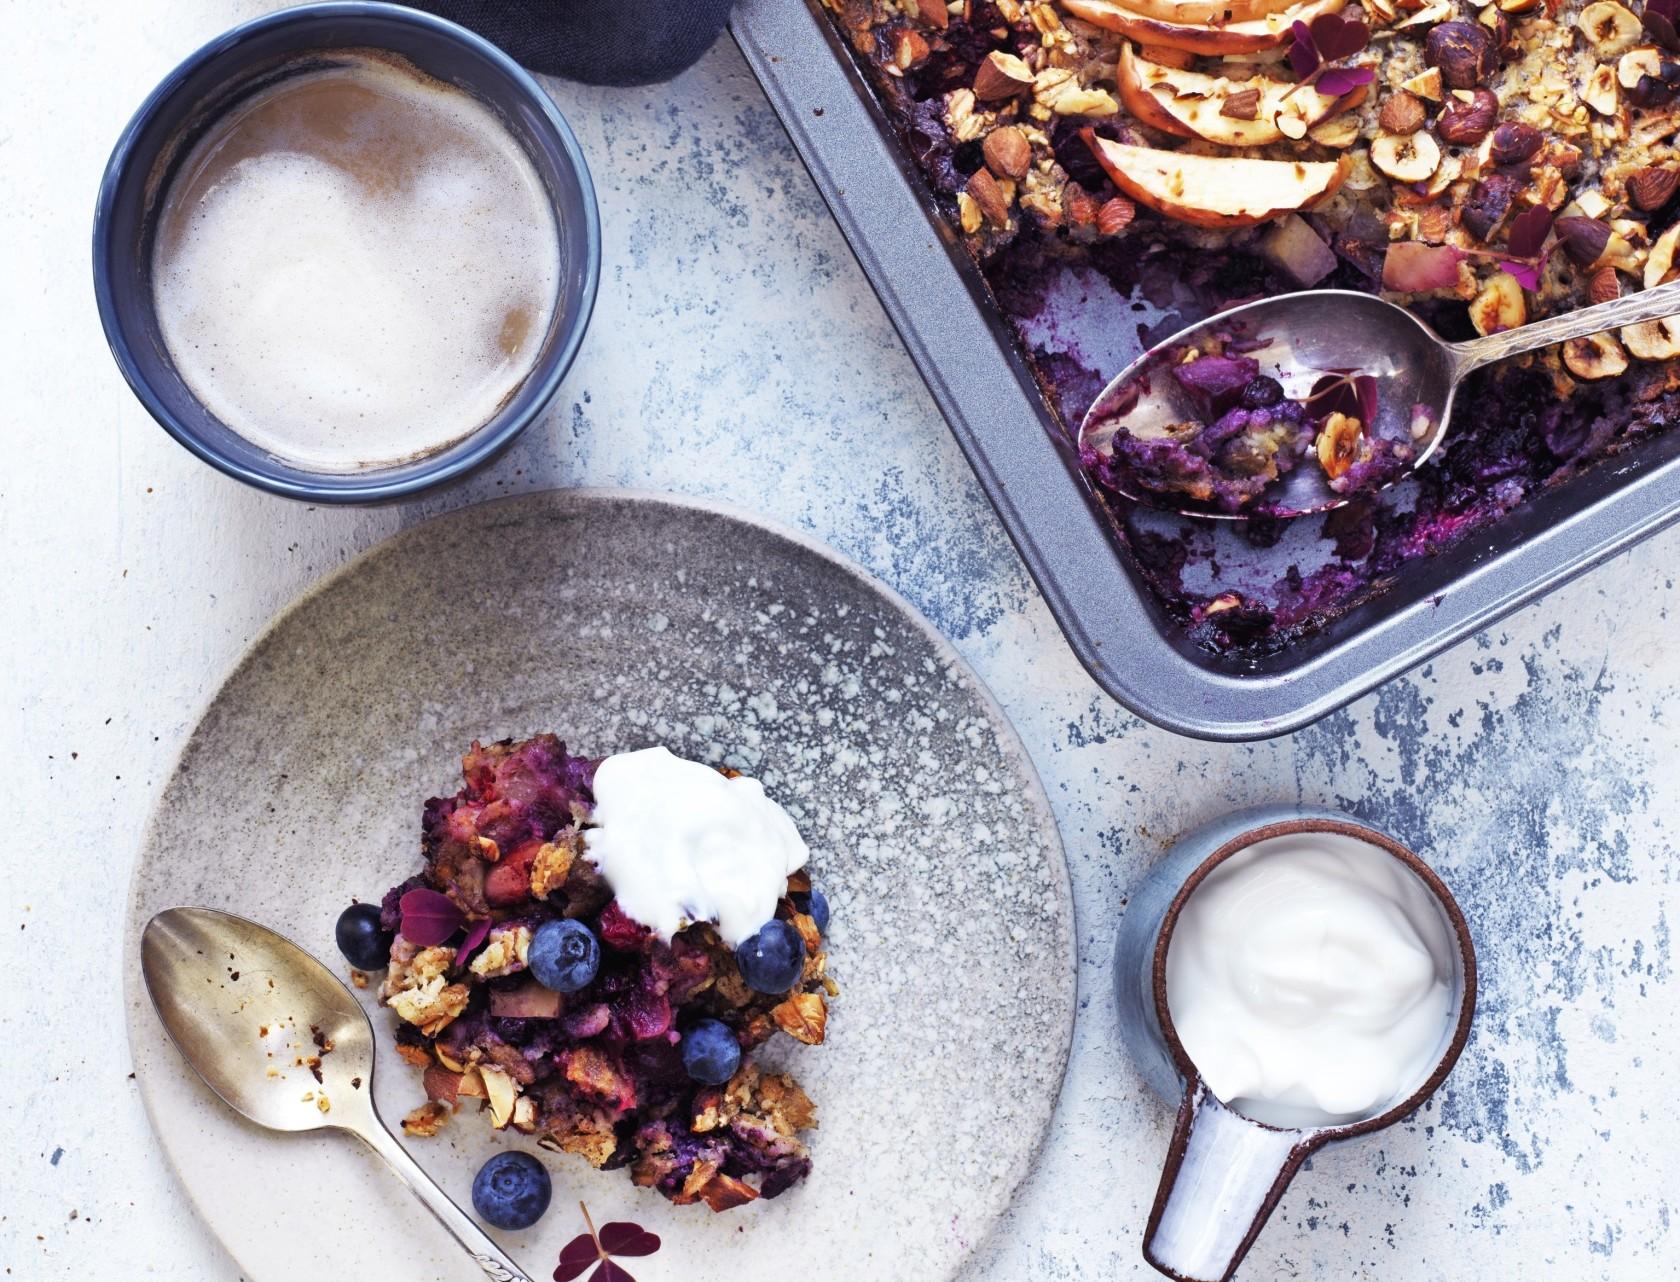 Ovnbagt grød med æbler, blåbær og nødder - virkelig lækker opskrift på luksus-morgenmad.